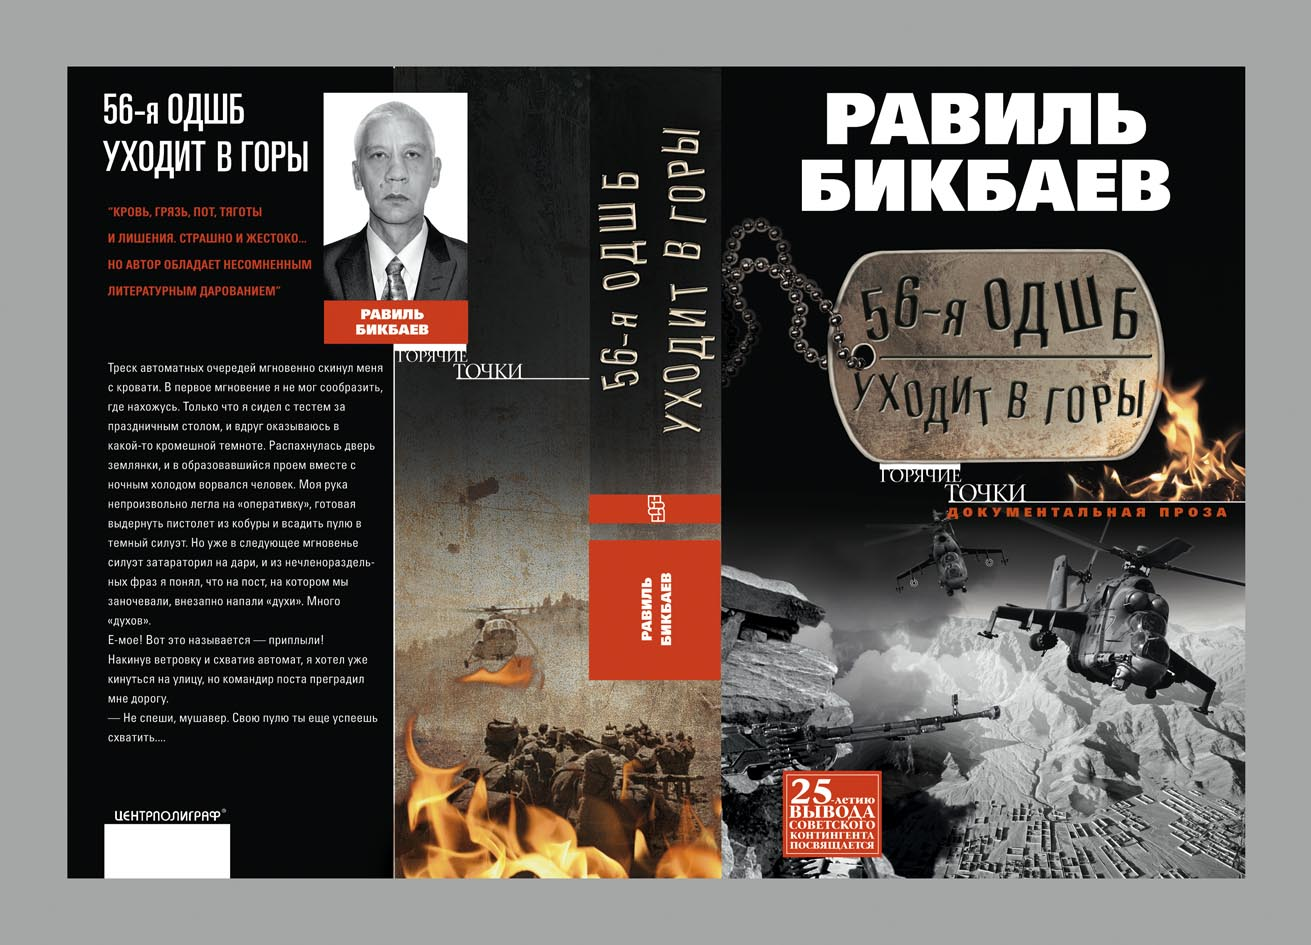 РАВИЛЬ БИКБАЕВ 56 Я ОДШБ УХОДИТ В ГОРЫ СКАЧАТЬ БЕСПЛАТНО